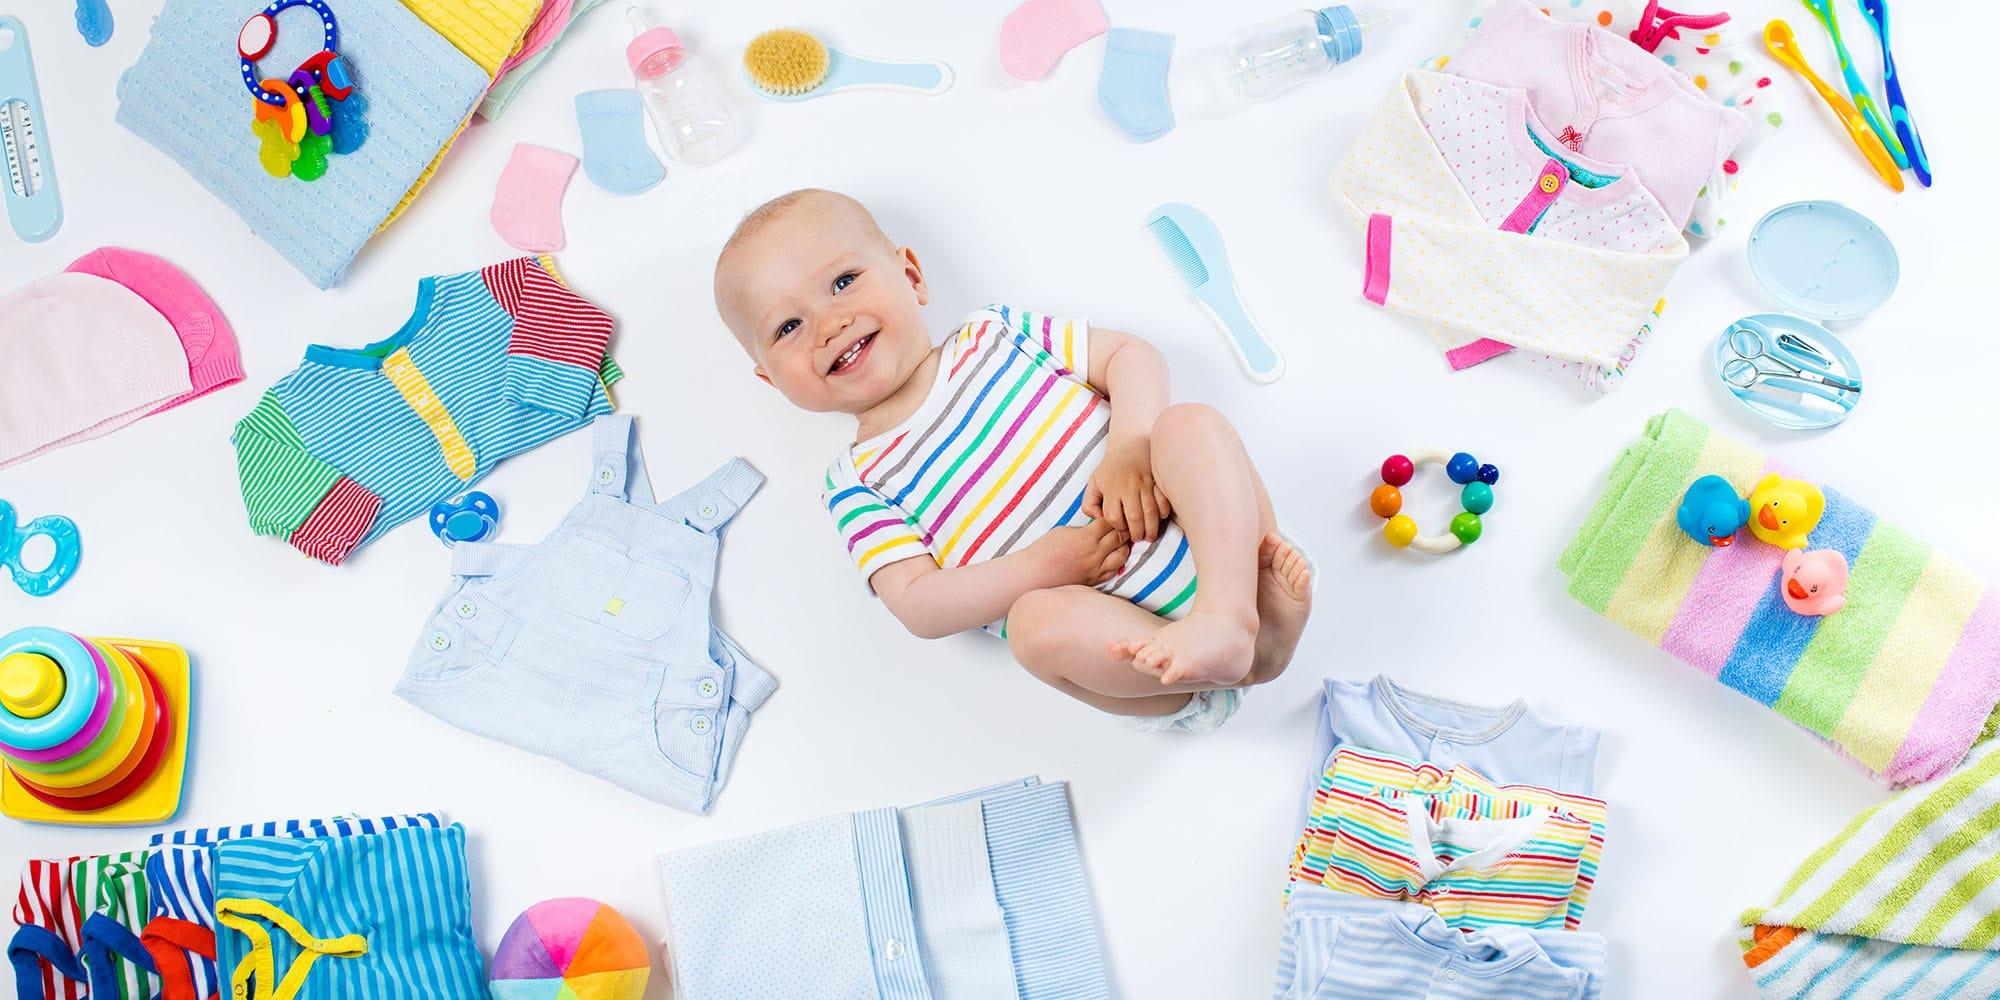 low priced 37c55 faf15 Baby-Erstausstattung: Was haben wir gebraucht und was nicht?